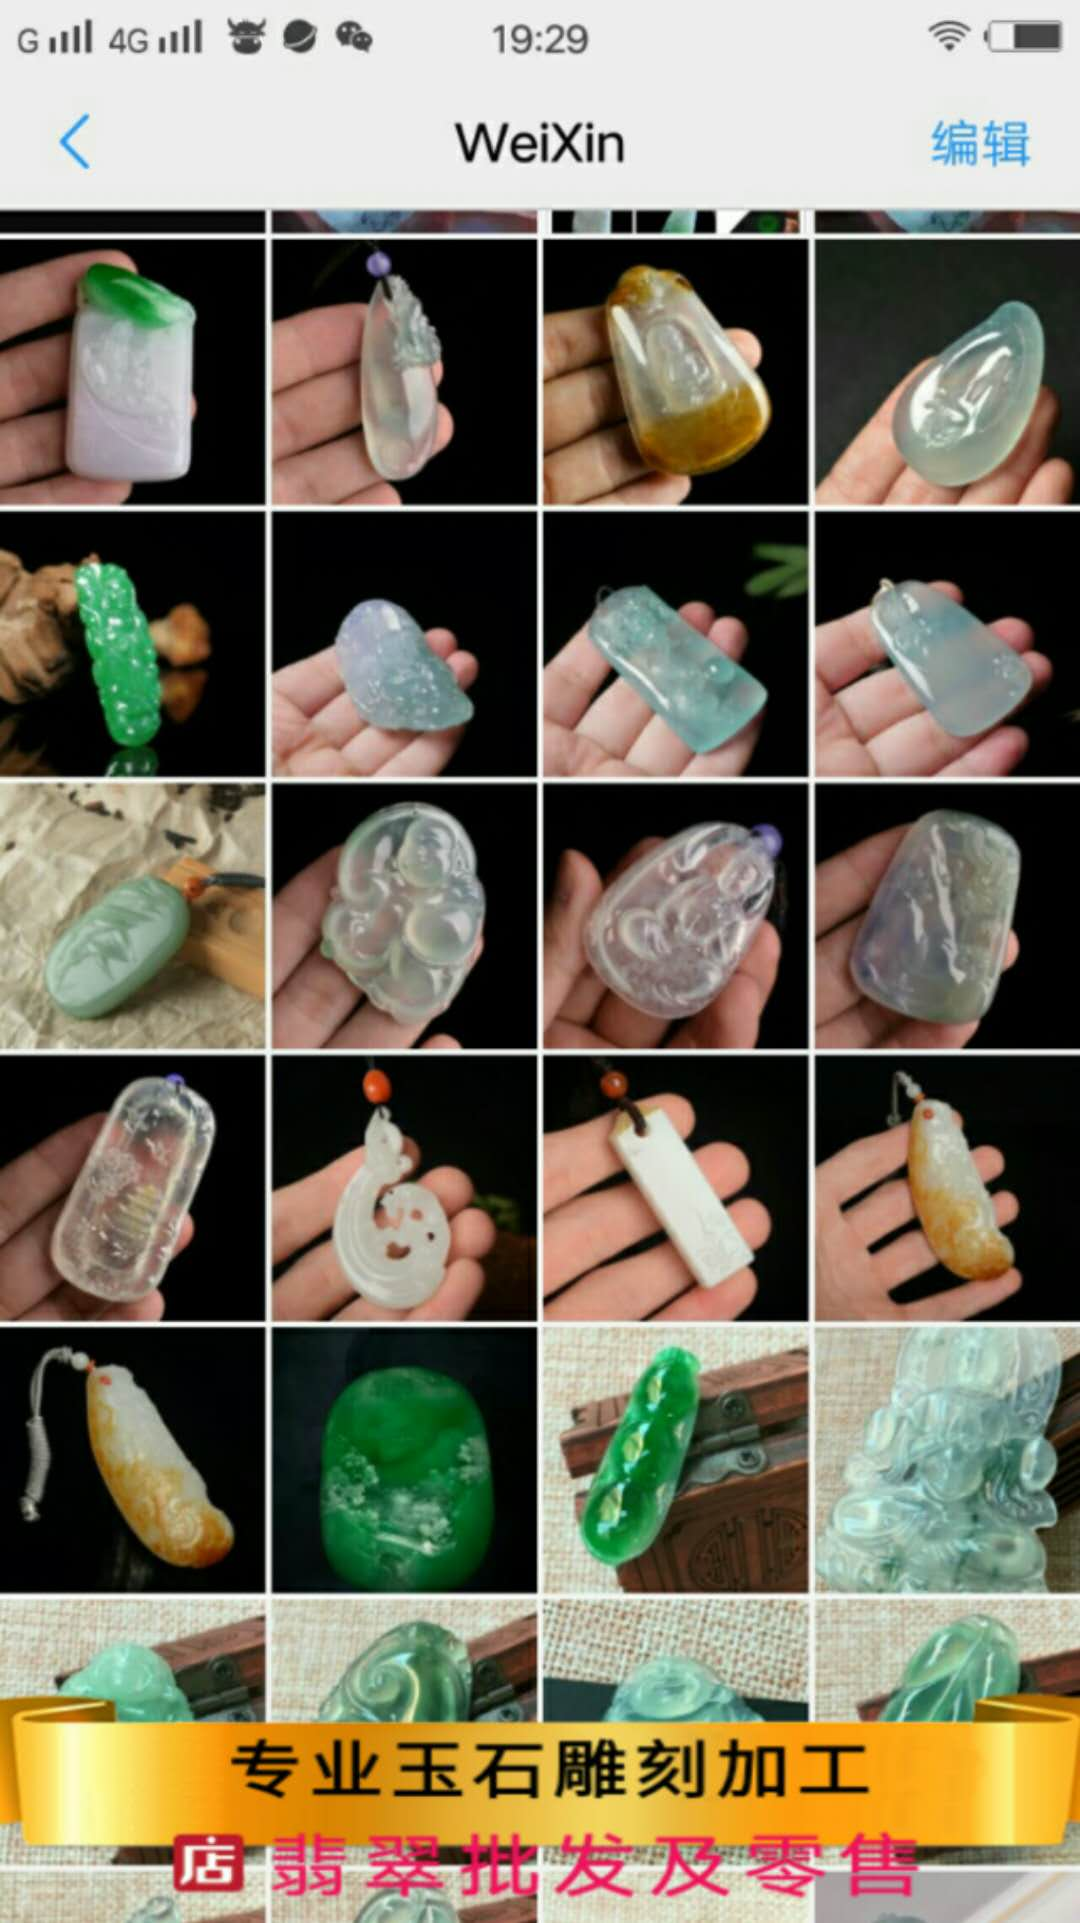 玉石玉器加工雕刻翡翠原石来料定制翡翠吊坠摆件设计抛光挂牌男女